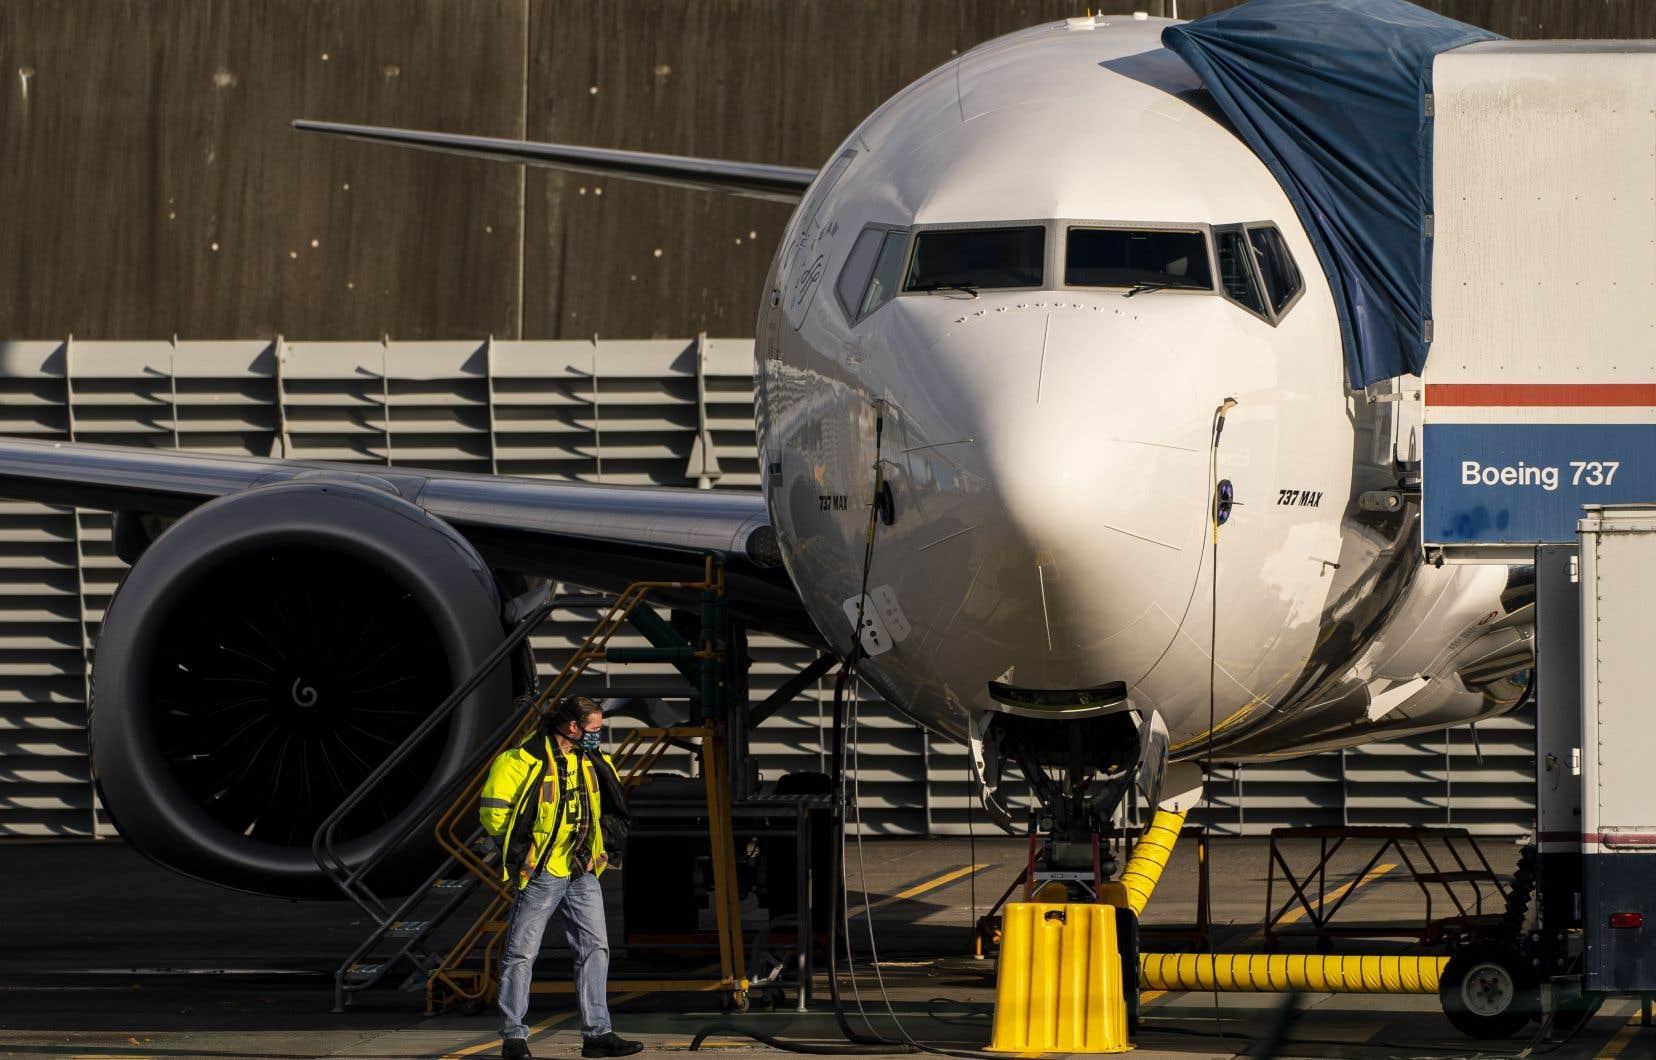 L'agence fédérale de l'aviation américaine précise qu'elle doit encore approuver la formation nécessaire pour les pilotes avant tout vol du Boeing 737 MAX dans le ciel américain.